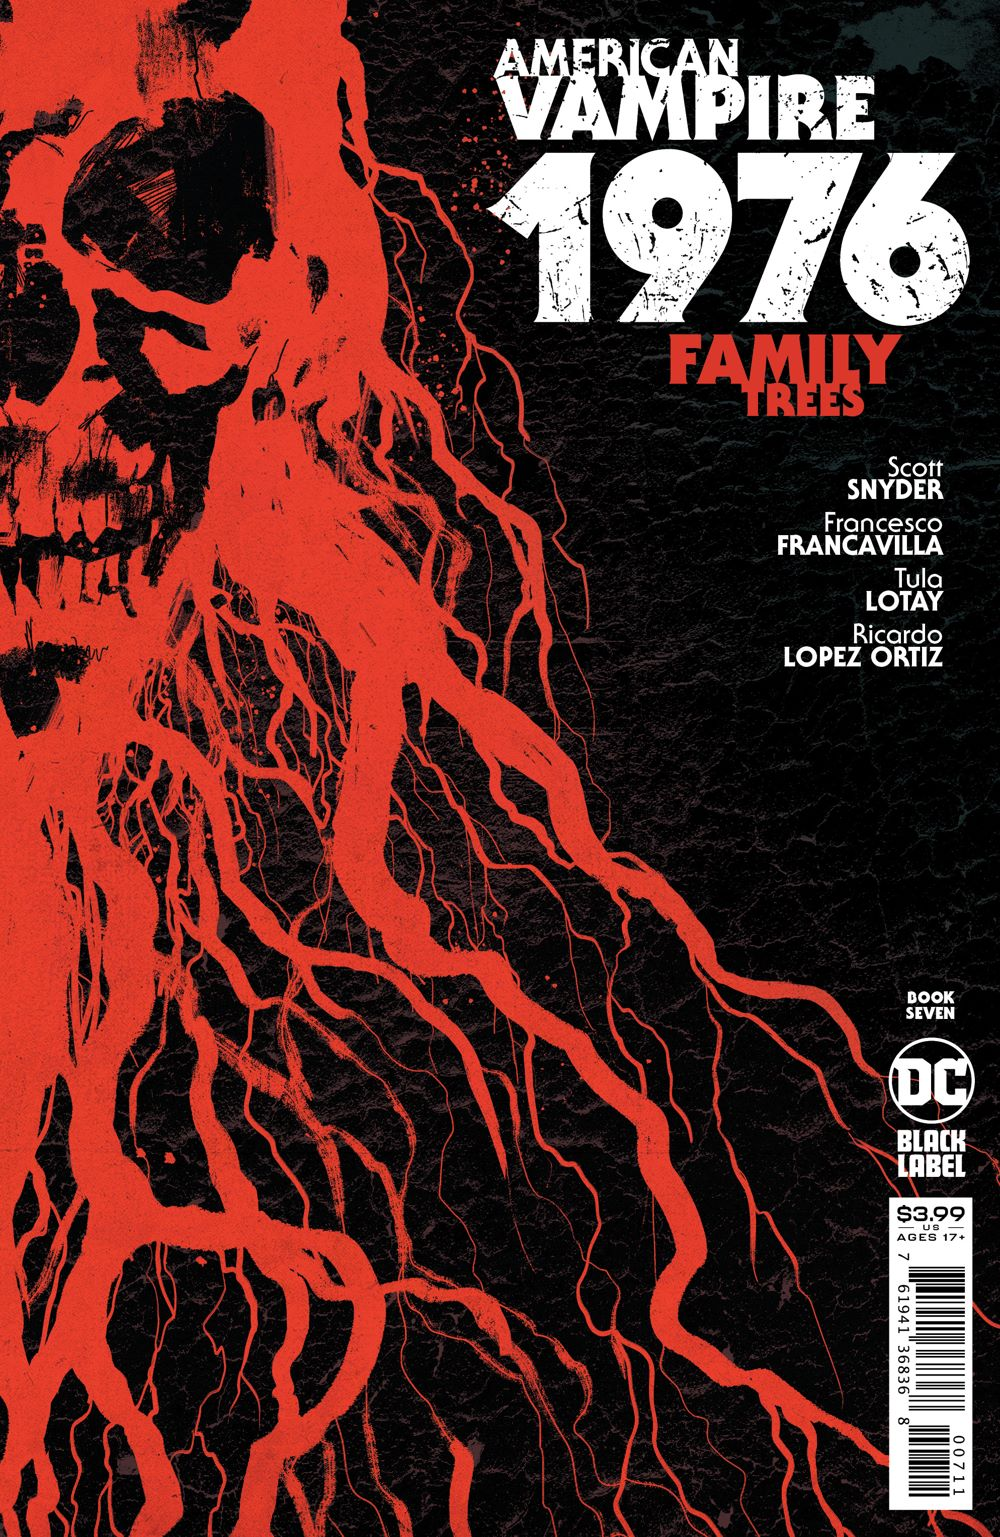 AV1976_Cv7 DC Comics April 2021 Solicitations